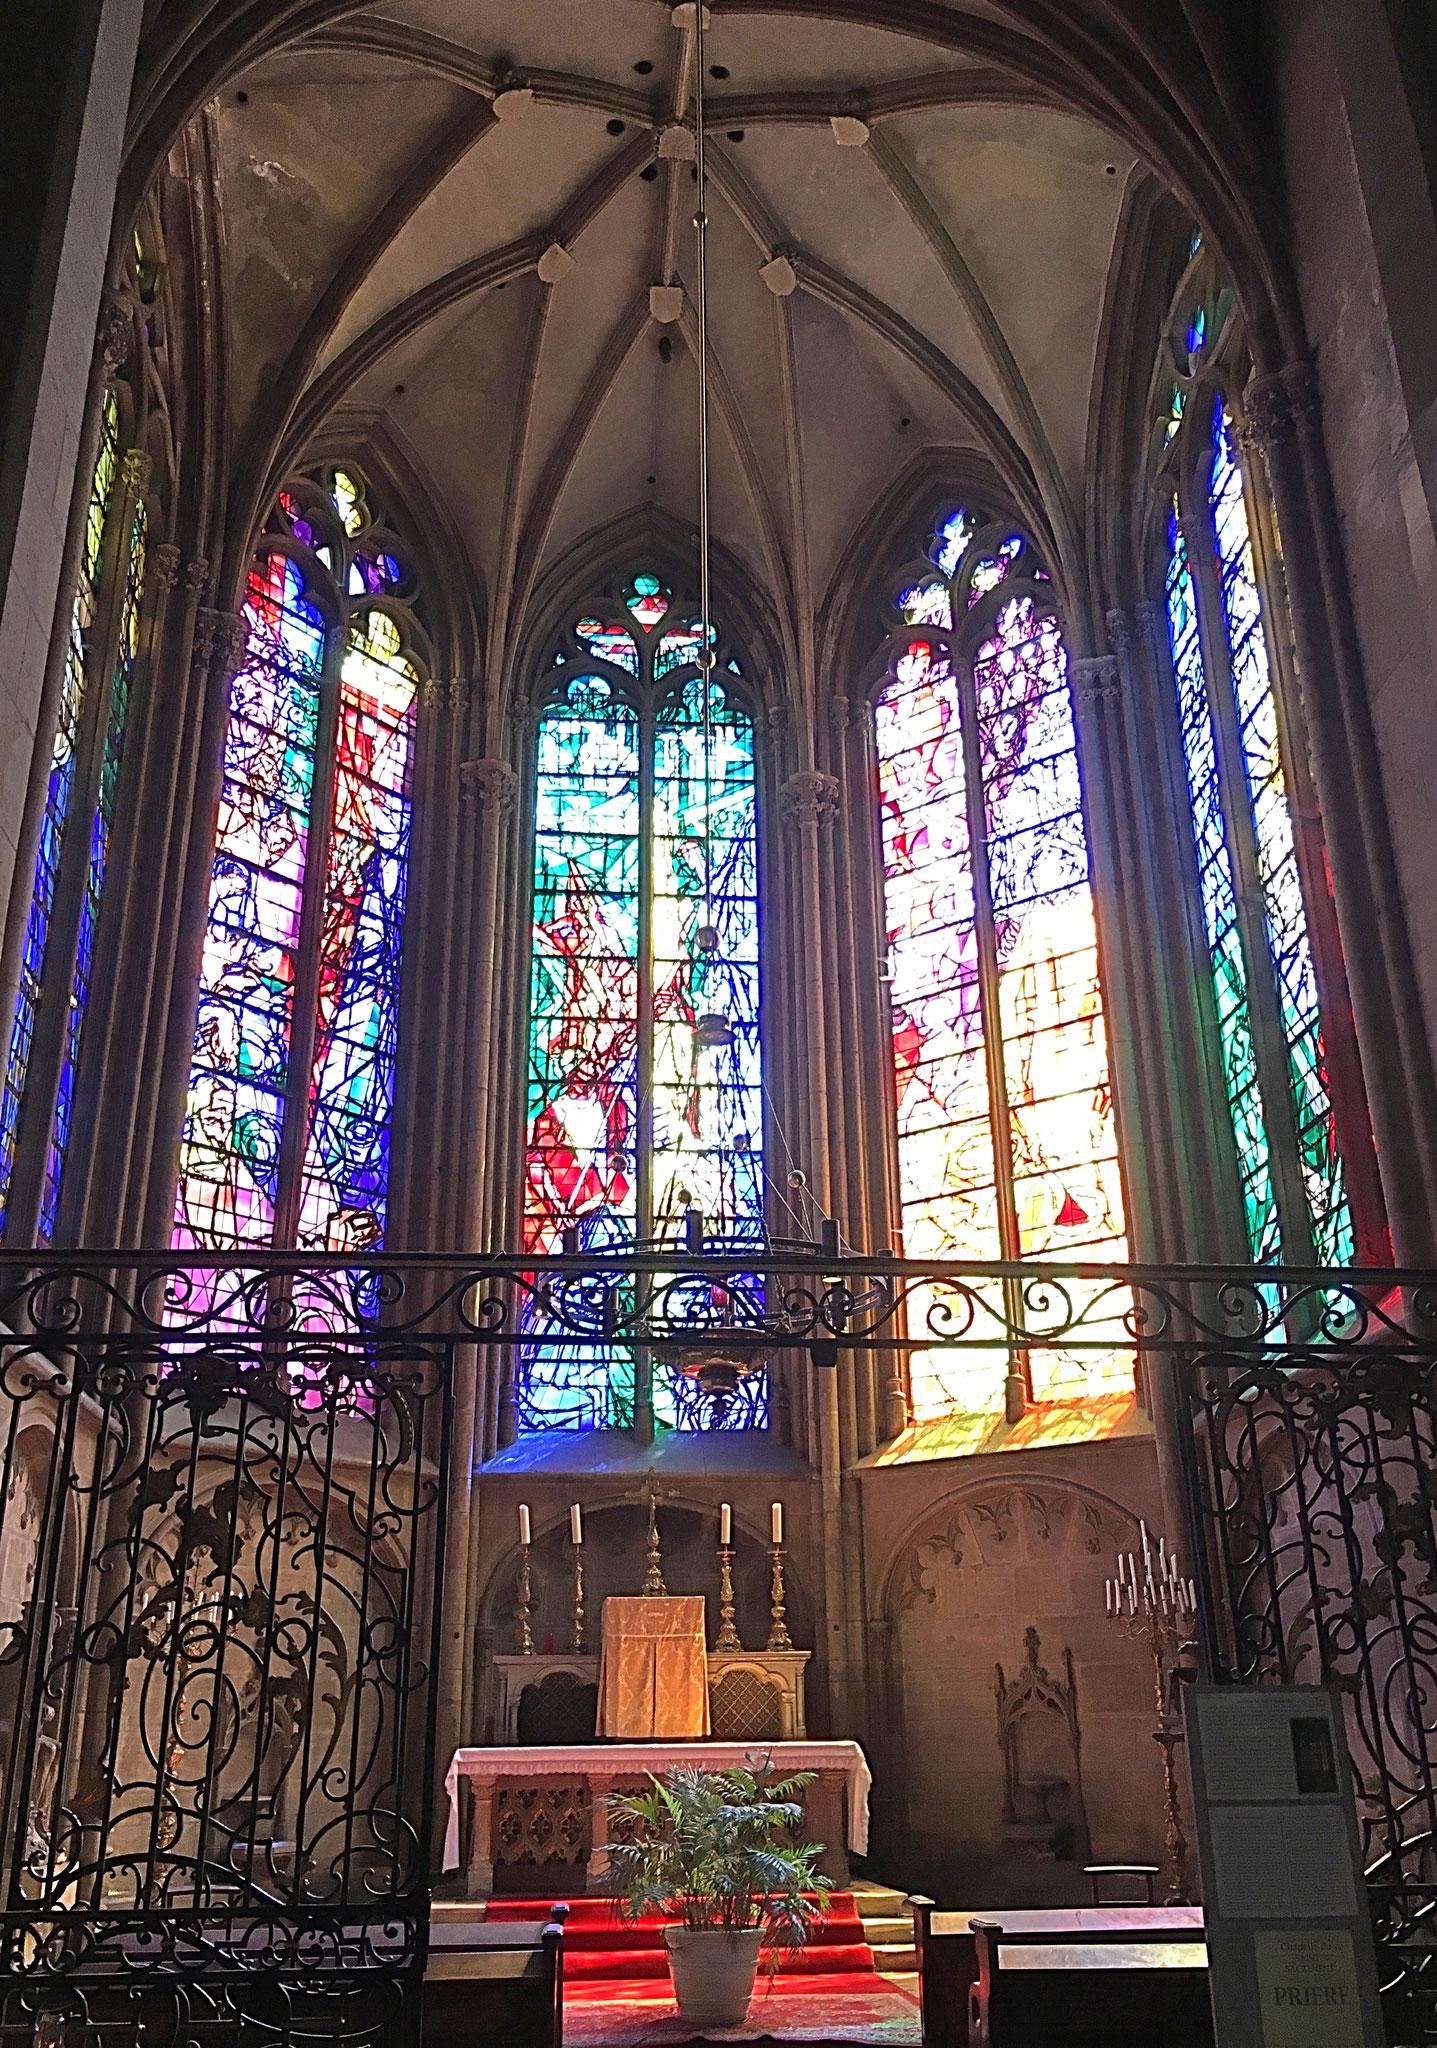 Die Sakramentskapelle mit den Fenster nach den Entwürfen von Chaques Villon in der Kathedrale Saint-Etienne in Metz